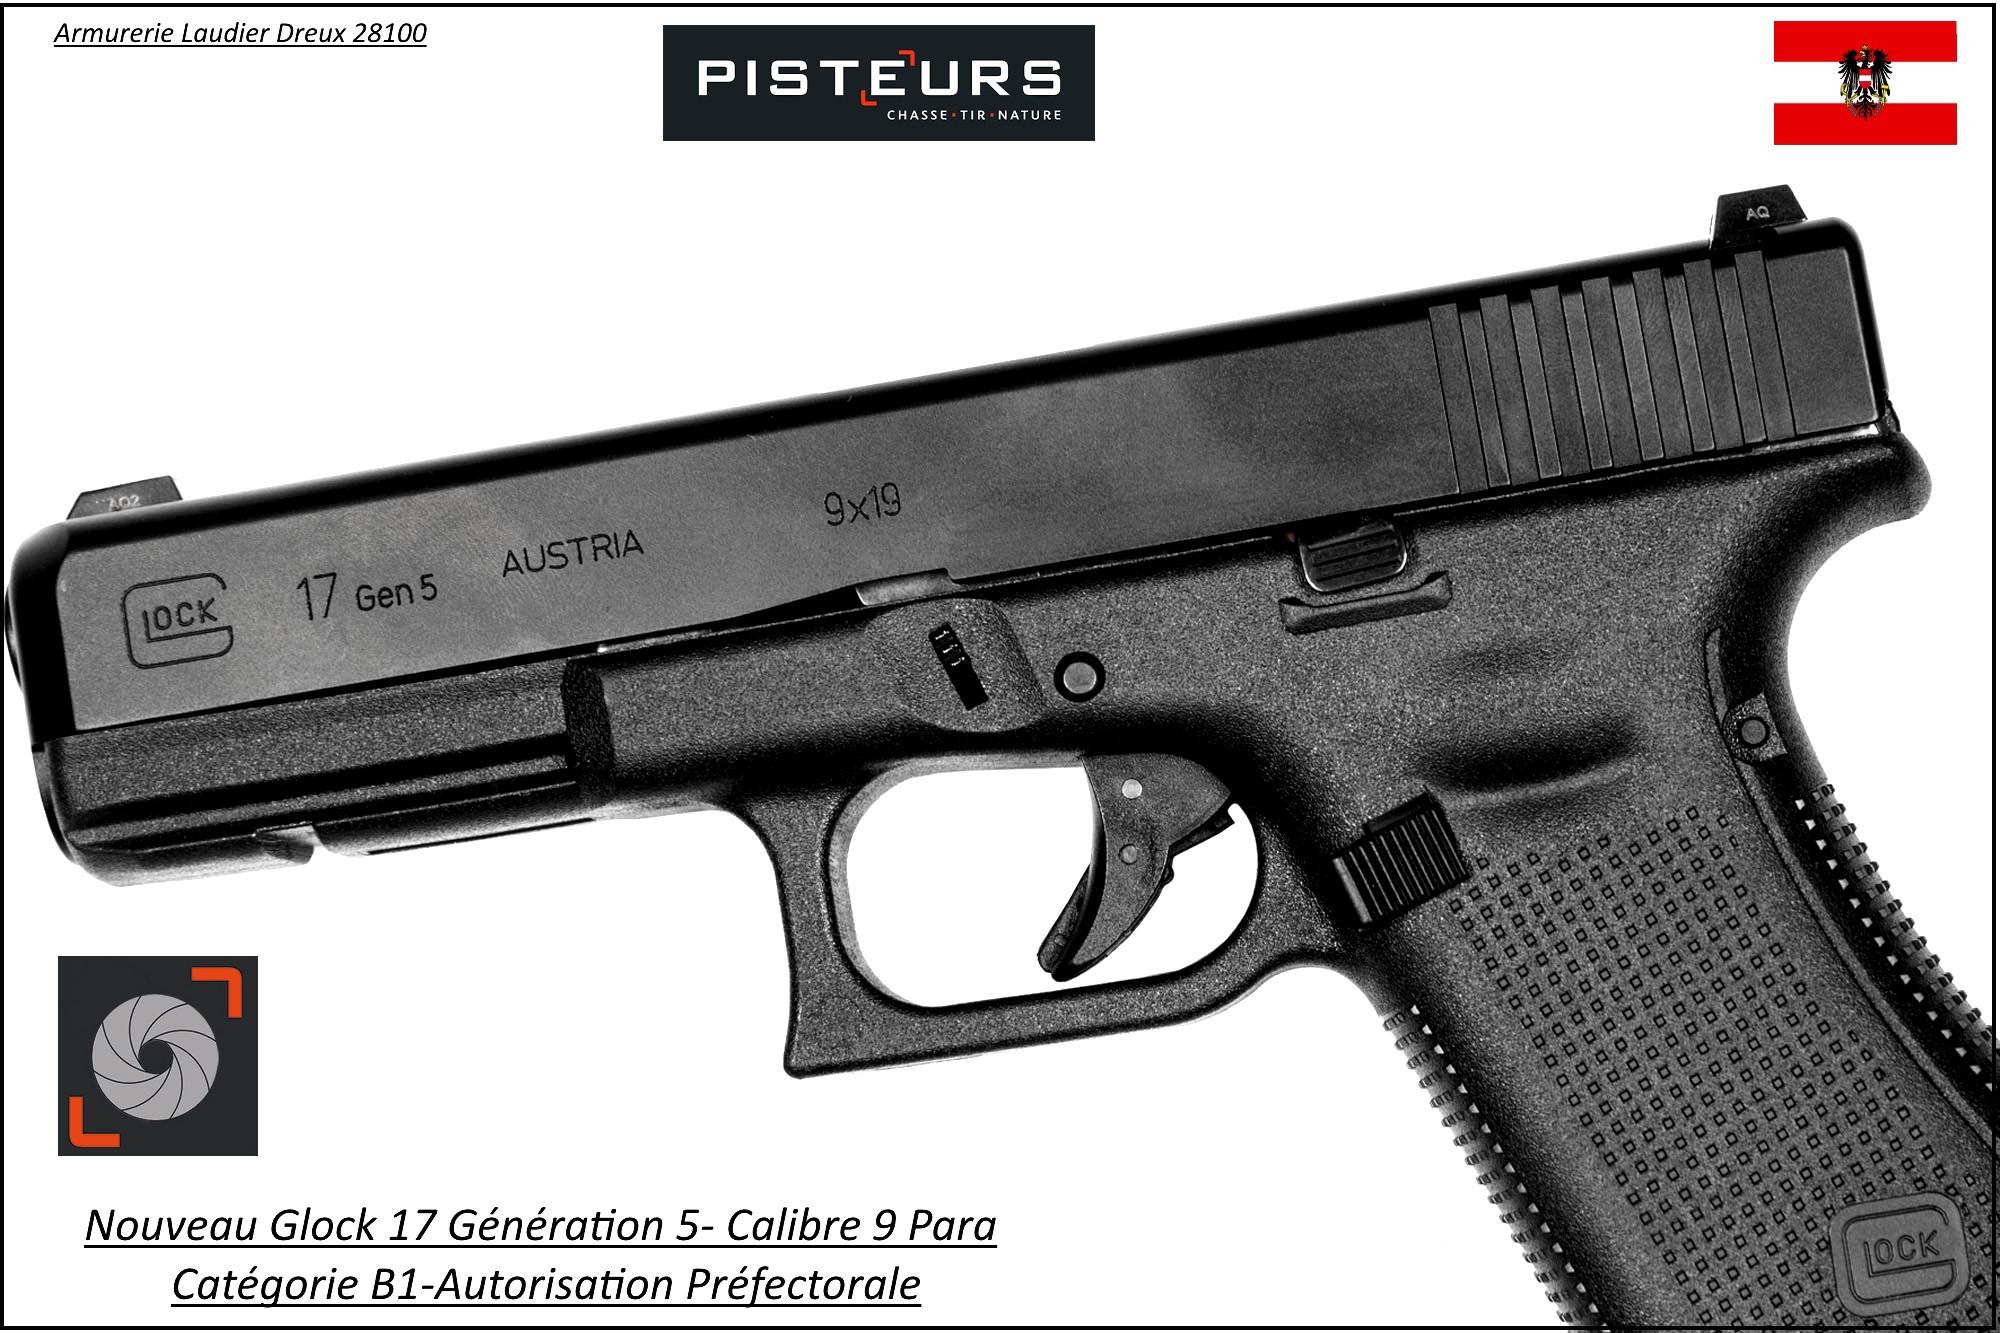 Pistolet Glock 17 génération 5 Calibre 9 Para Semi automatique Catégorie B1-Promotion-Avec-Autorisation-Préfectorale-Ref glock-17-5